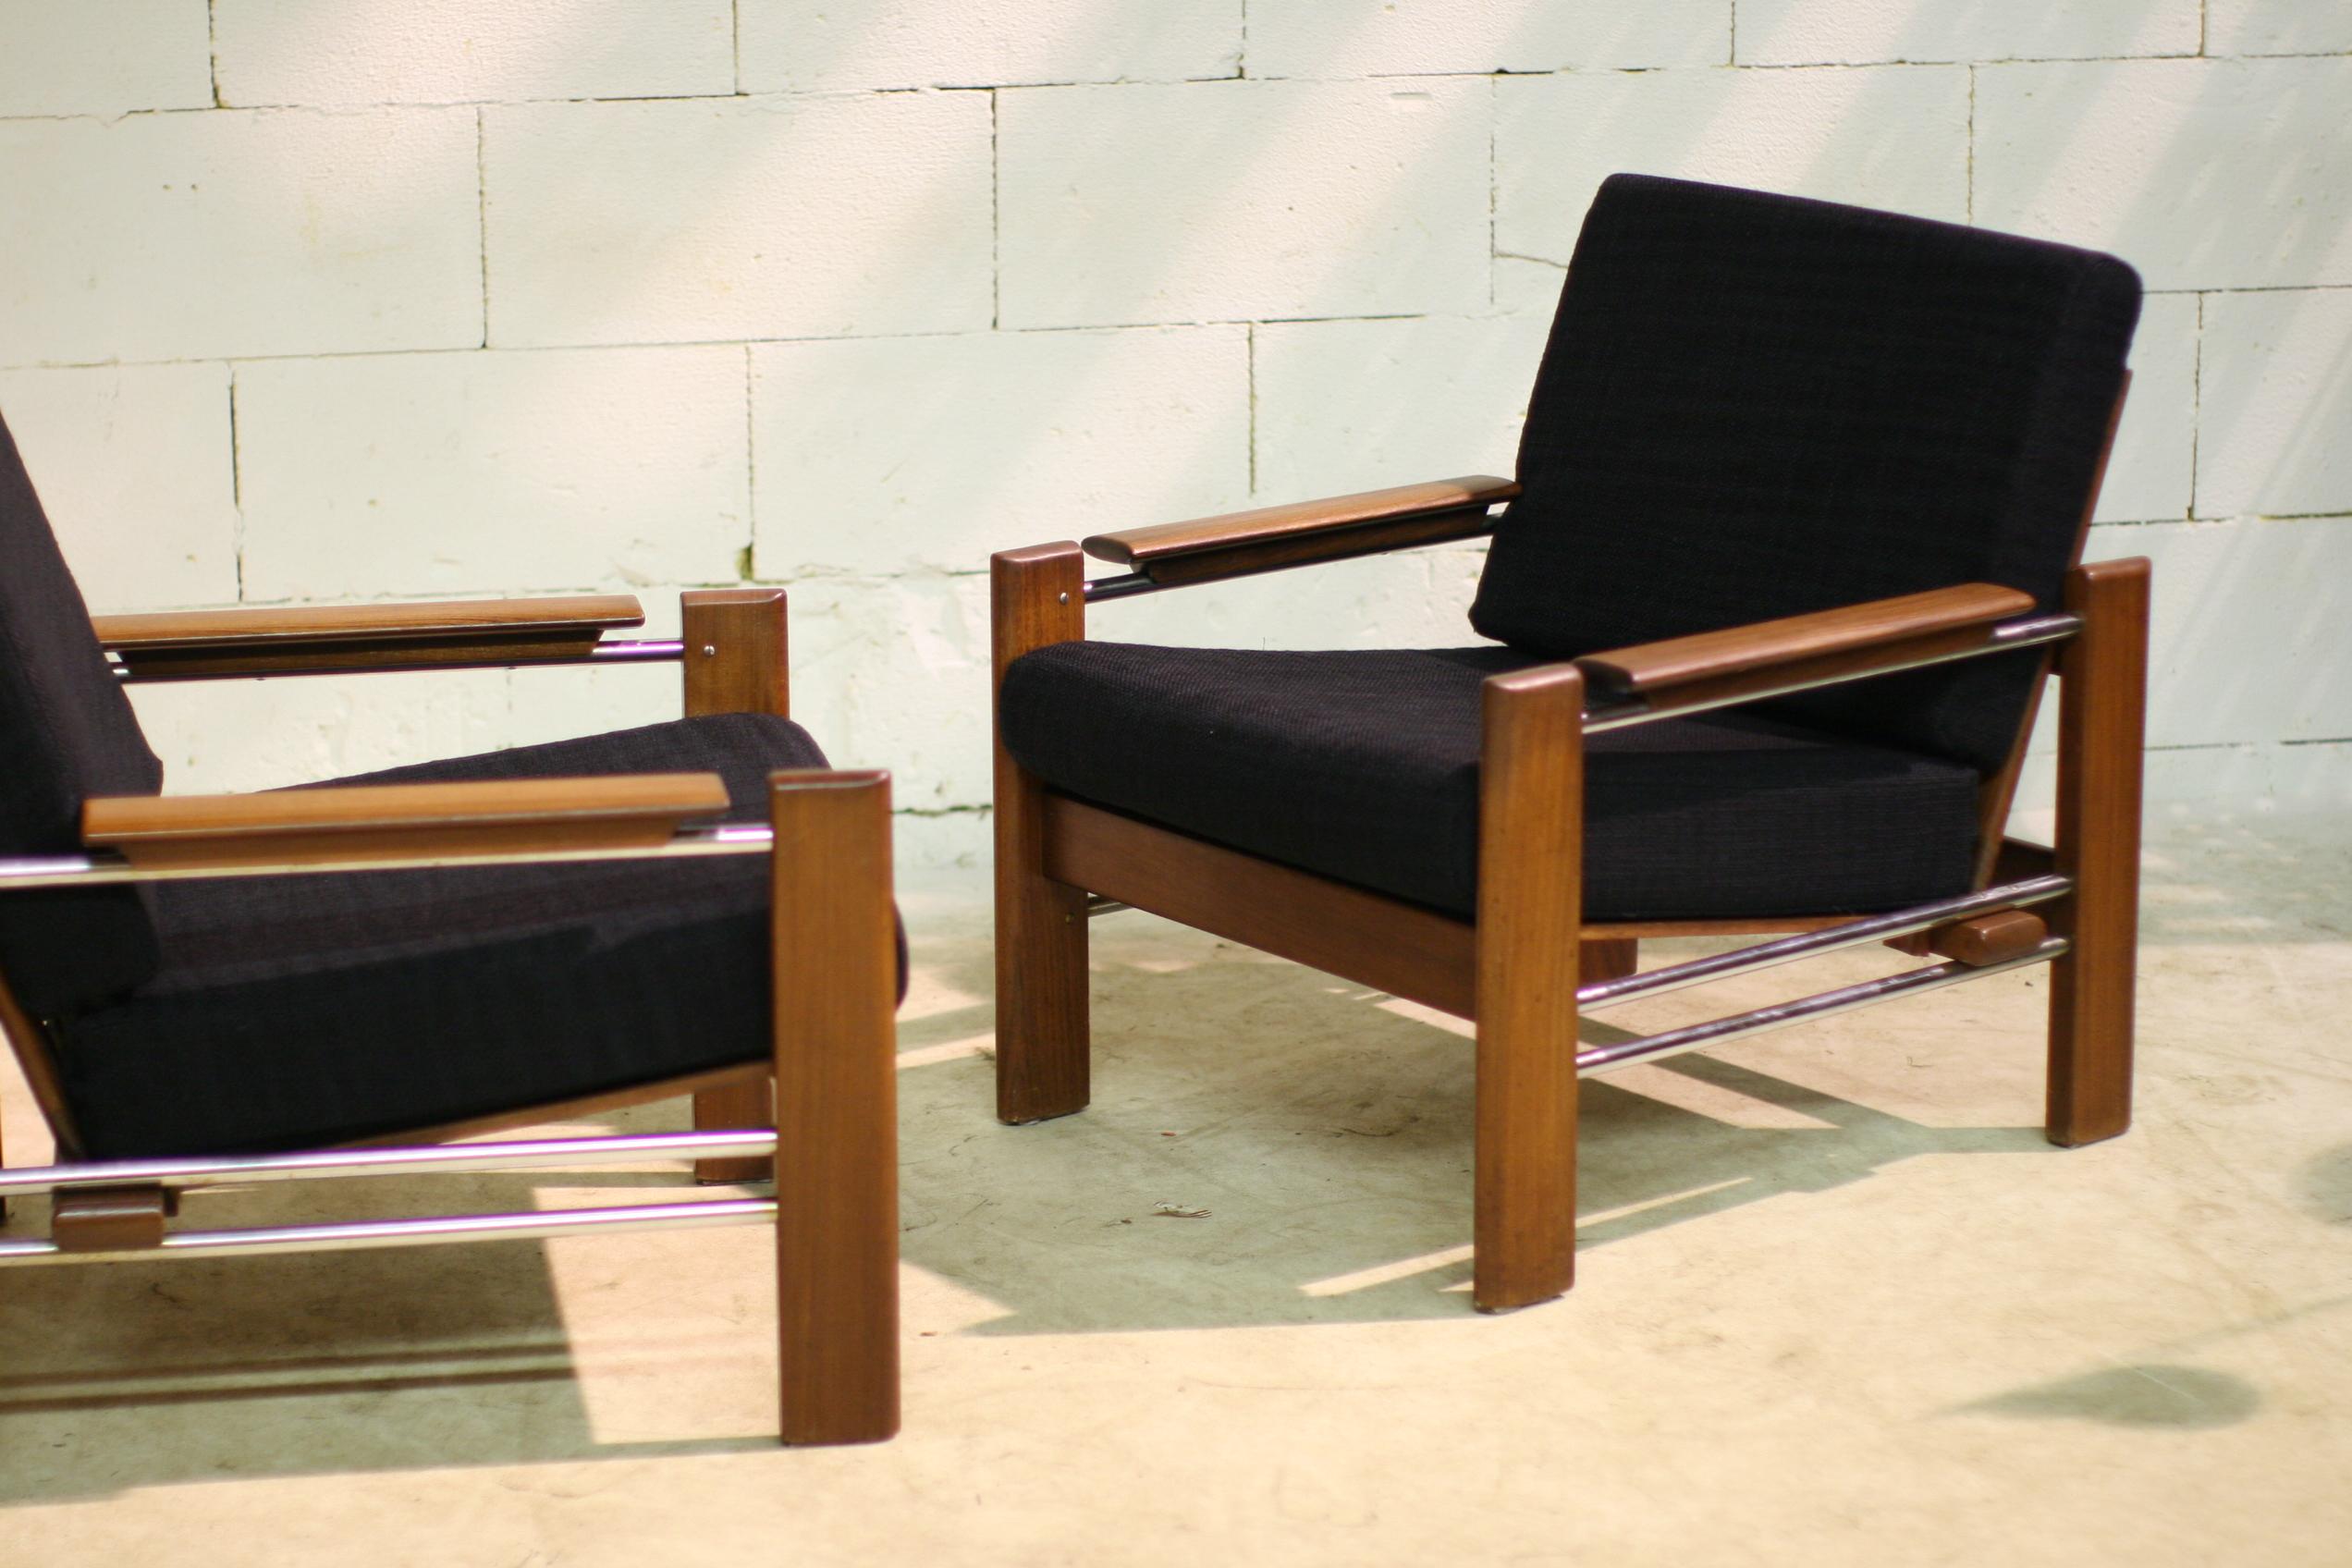 Top retro vintage fauteuils chroom teak nieuw gestoffeerd dehuiszwaluw - De meest comfortabele fauteuils ...